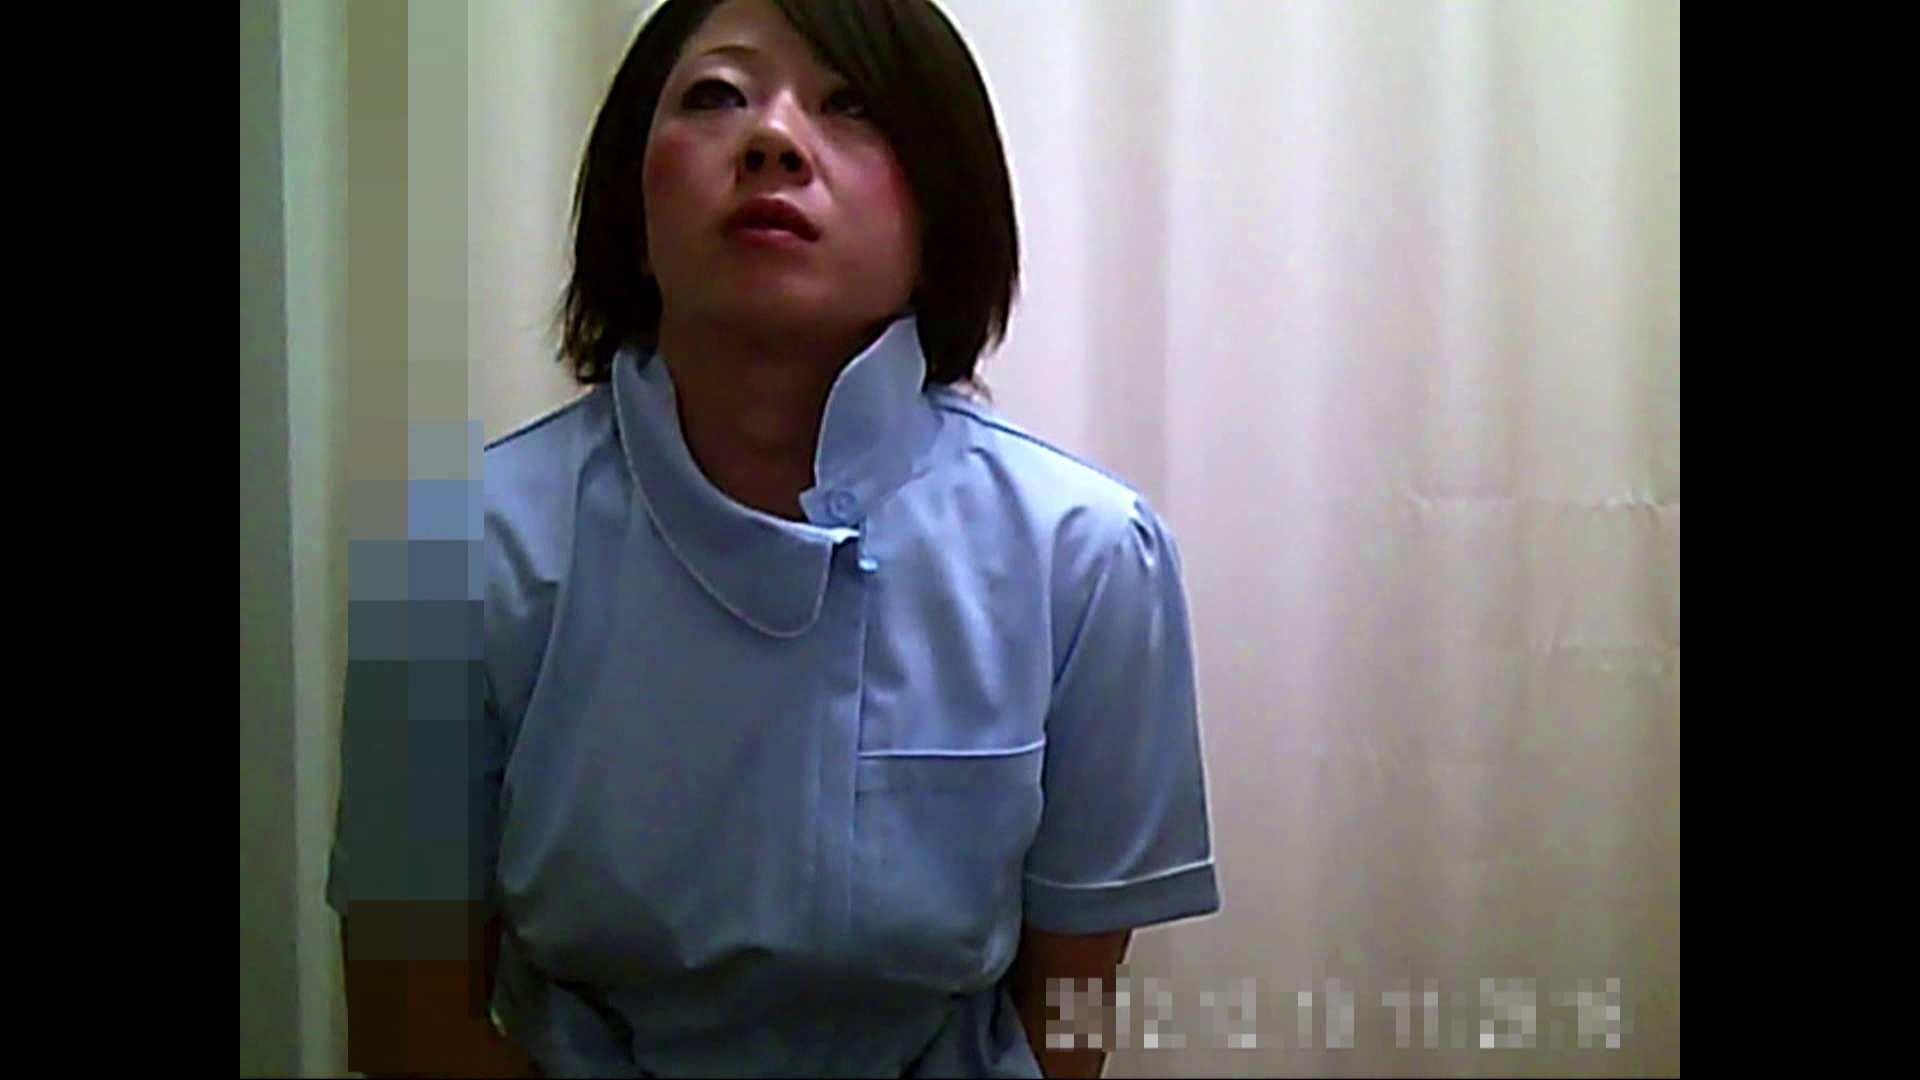 元医者による反抗 更衣室地獄絵巻 vol.124 OL | 0  55連発 26